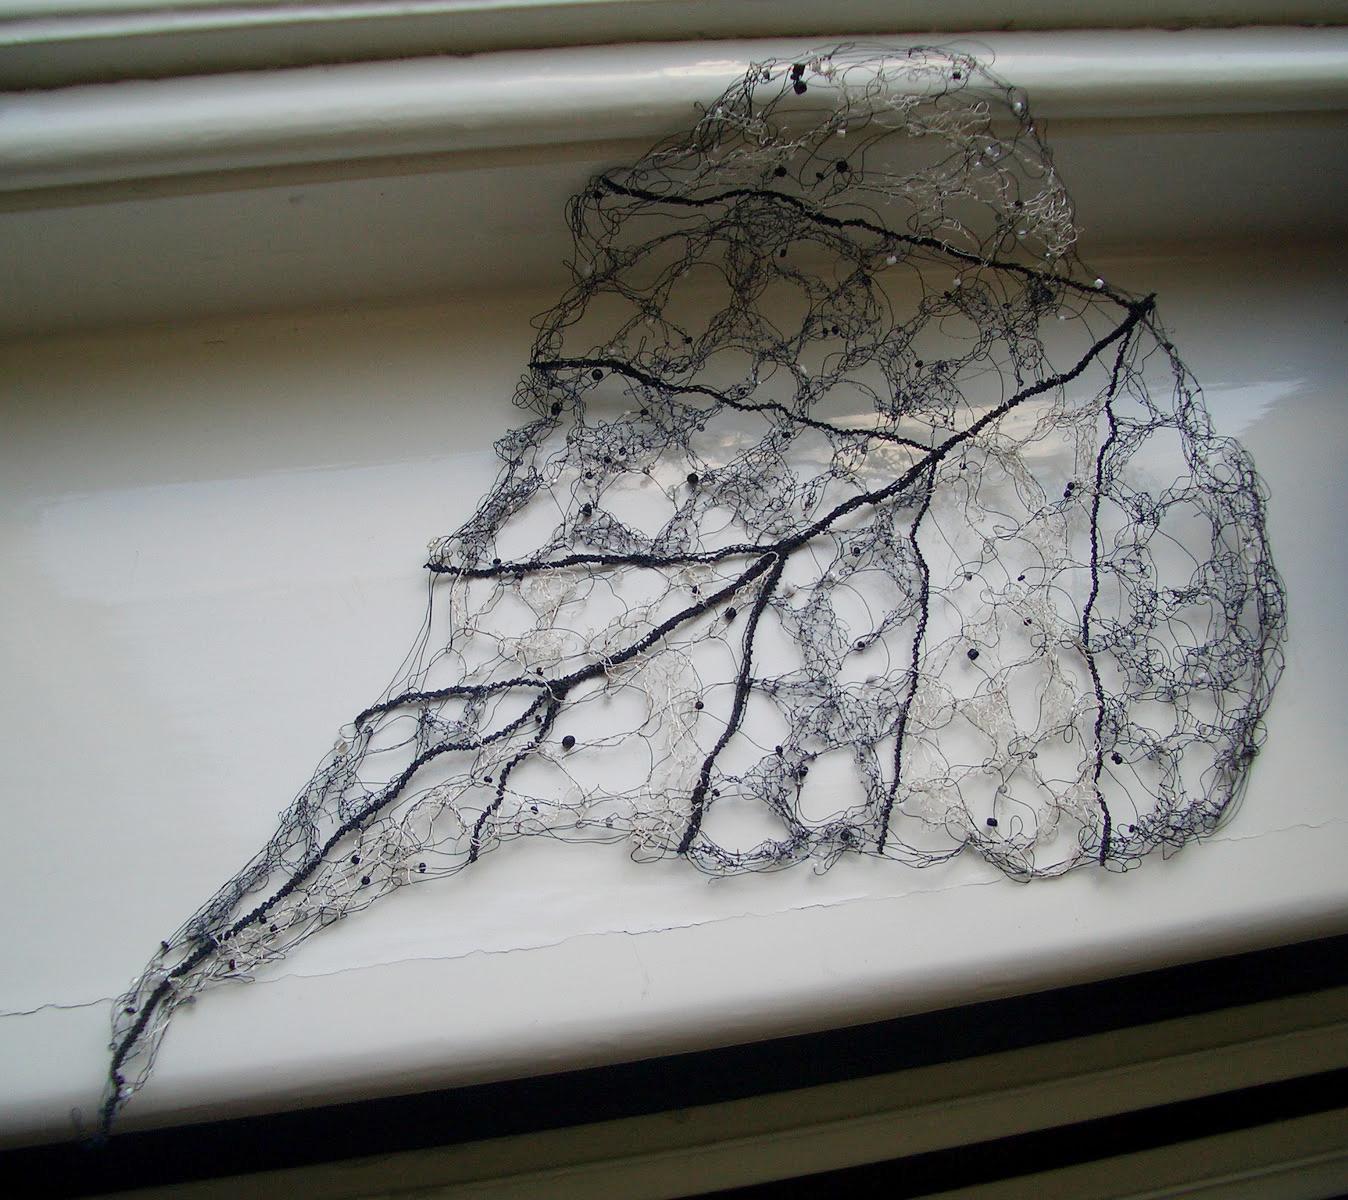 Mixed media Textile Artist – Kerry Mosley